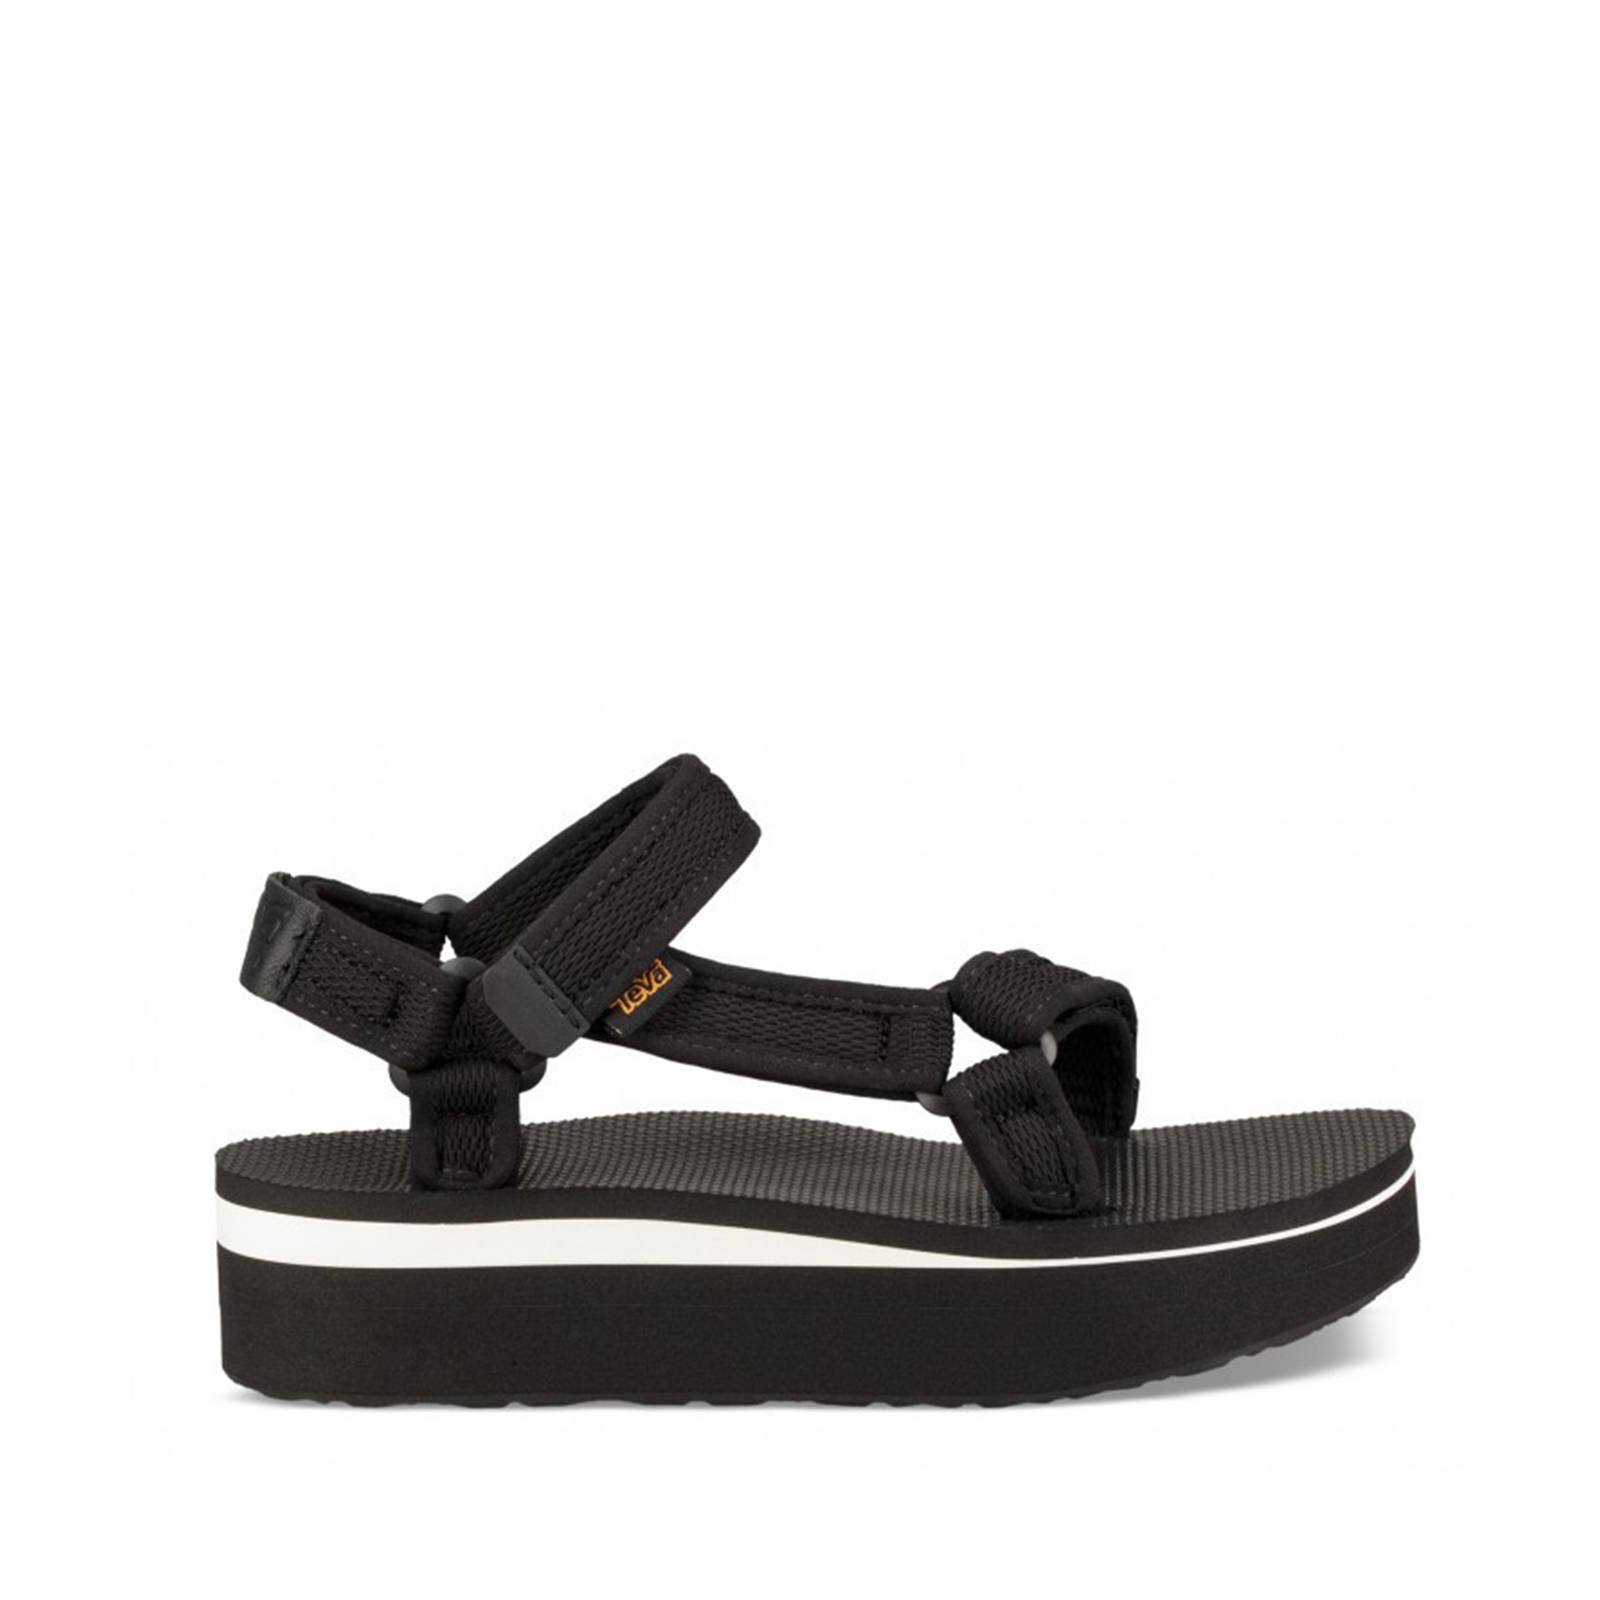 Teva dames sandalen bij wehkamp Gratis bezorging vanaf 20.